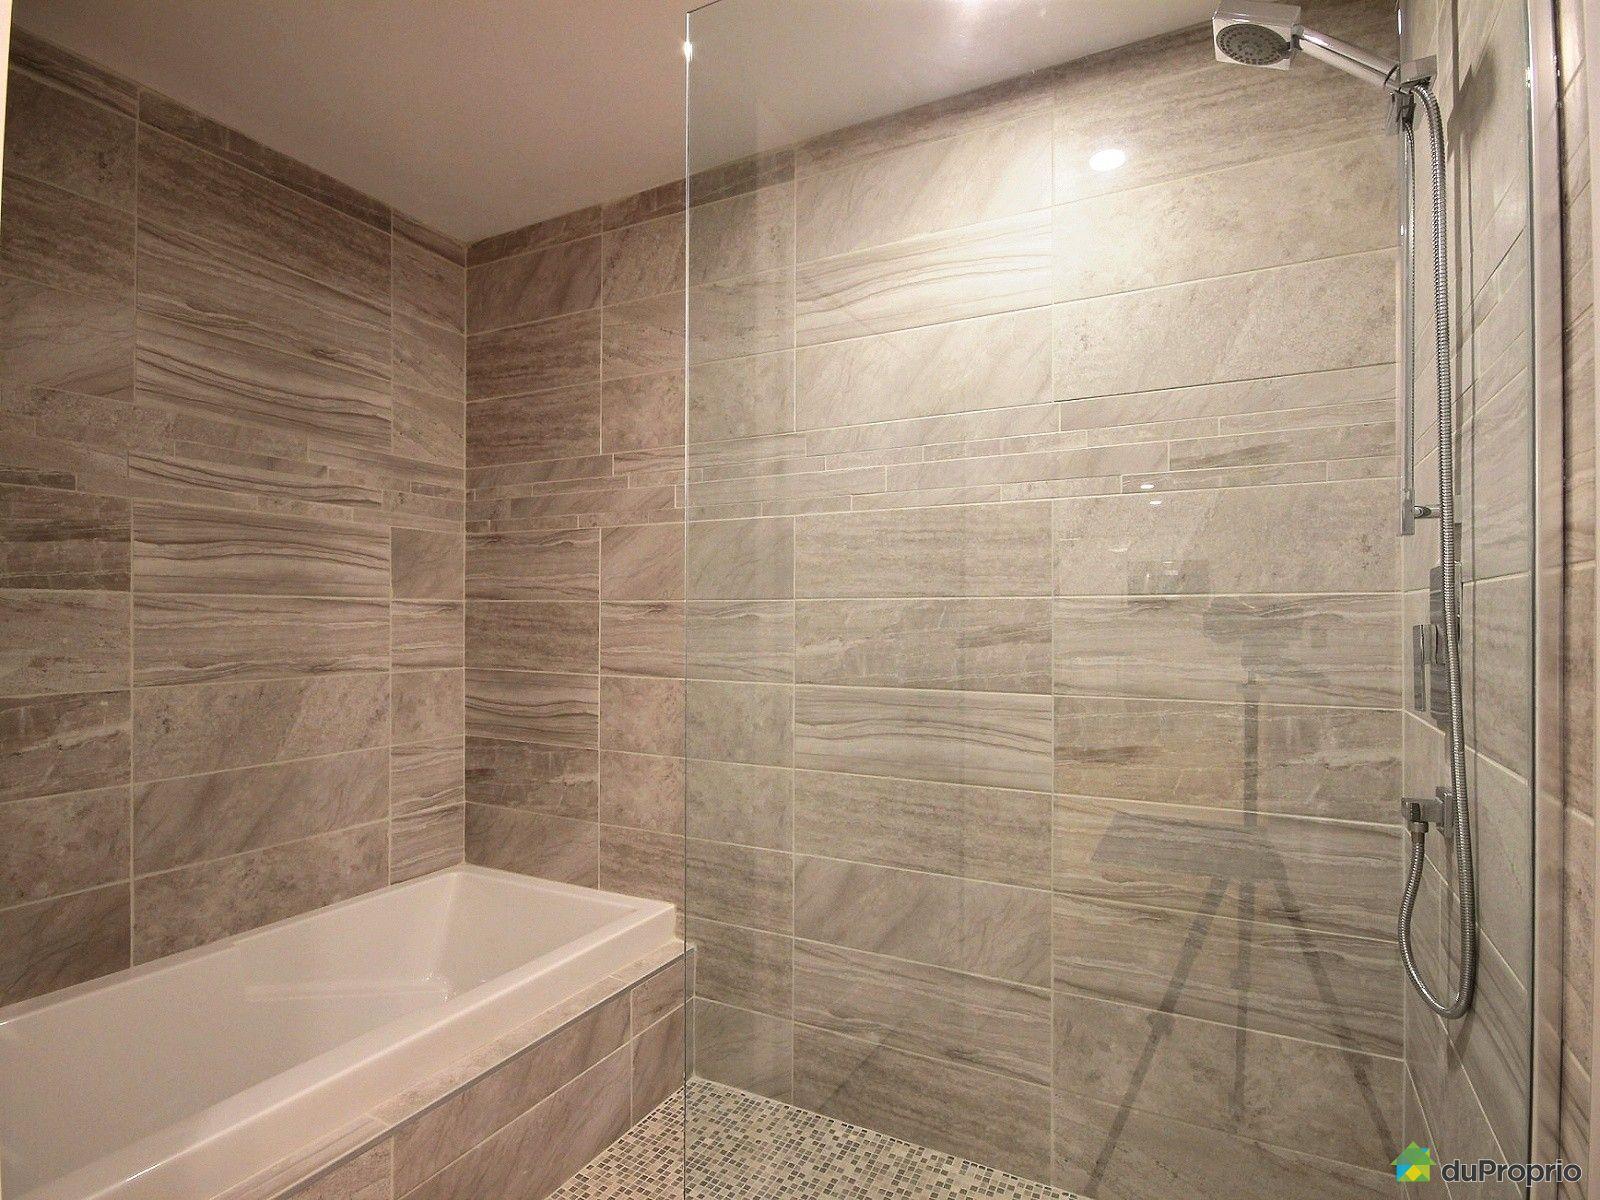 Condo neuf vendu montr al immobilier qu bec duproprio for Reno salle de bain quebec